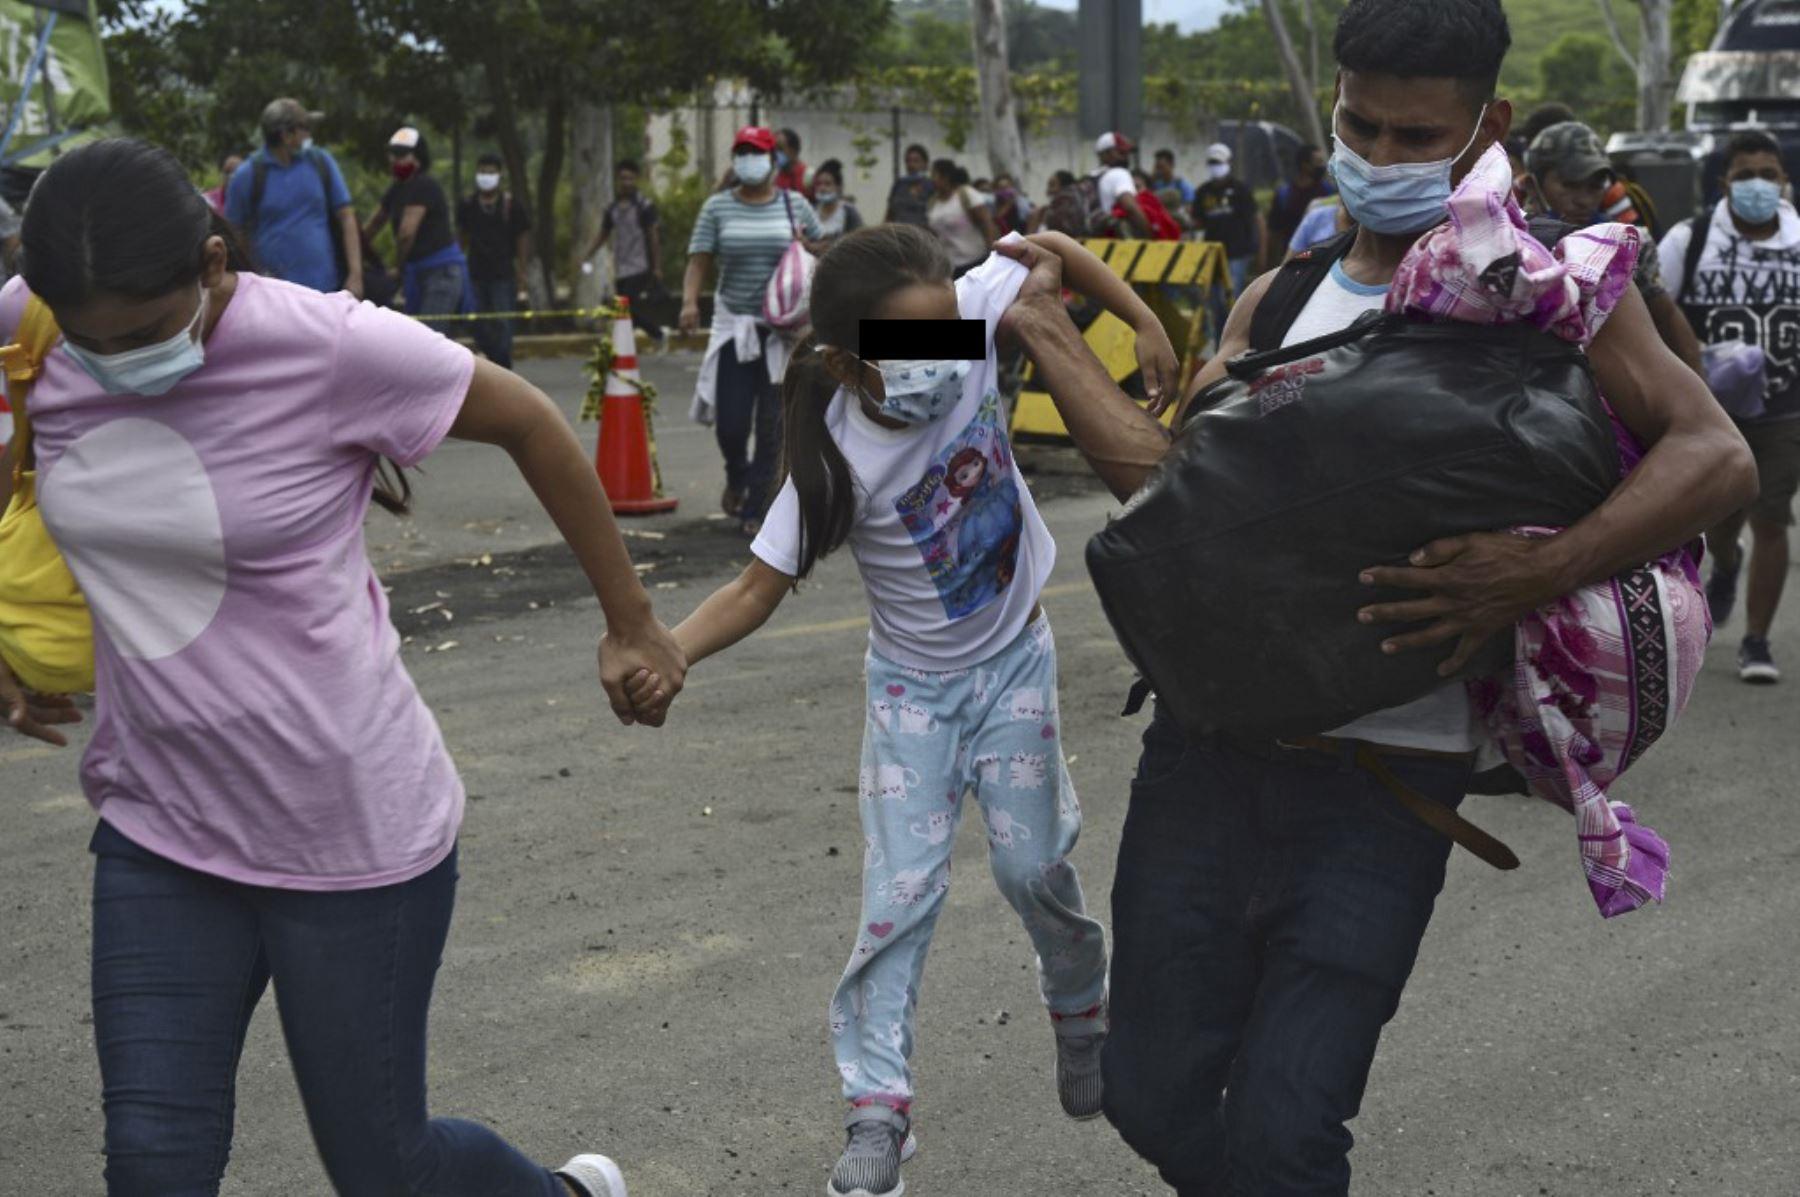 Una pareja de migrantes hondureños y su hija atraviesan una cerca policial para ingresar a Guatemala en su camino a los Estados Unidos, en la frontera de Corinto, Honduras. Foto: AFP